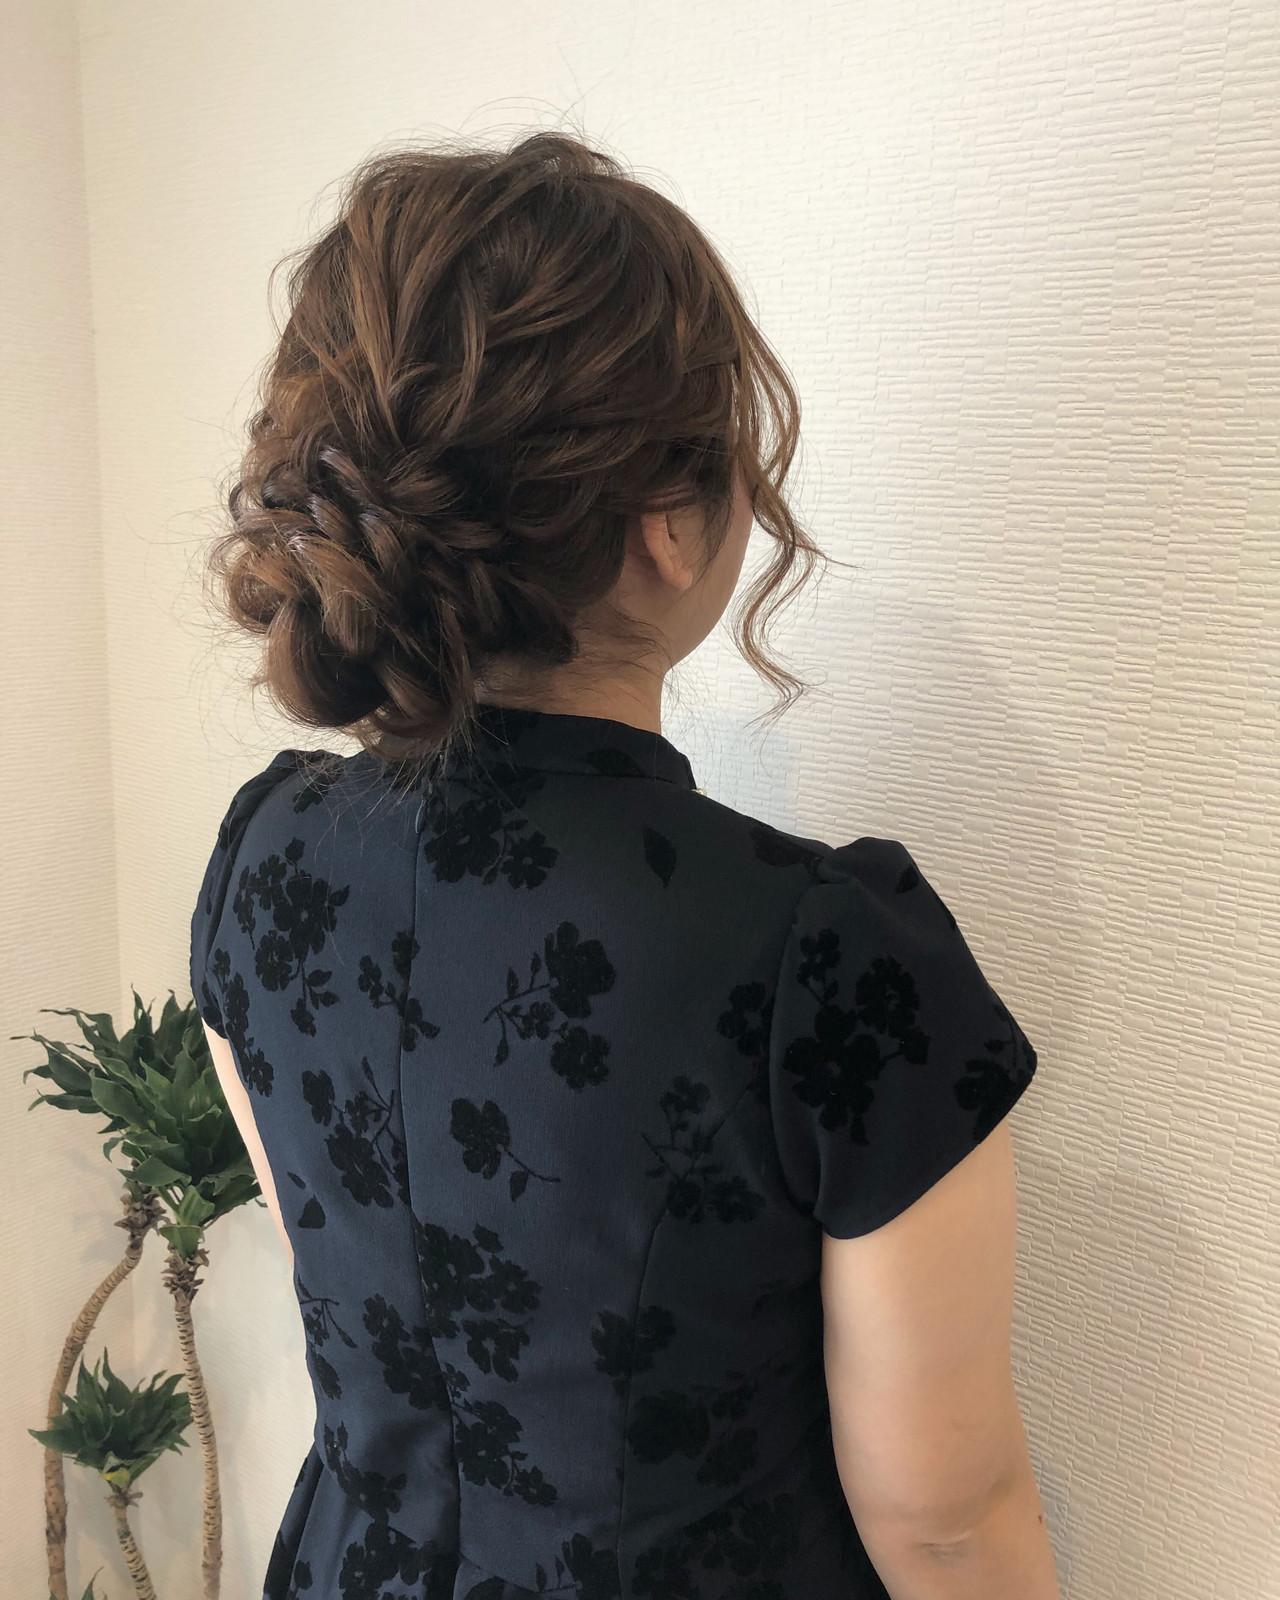 アップスタイル 結婚式 ヘアアレンジ 編み込み ヘアスタイルや髪型の写真・画像